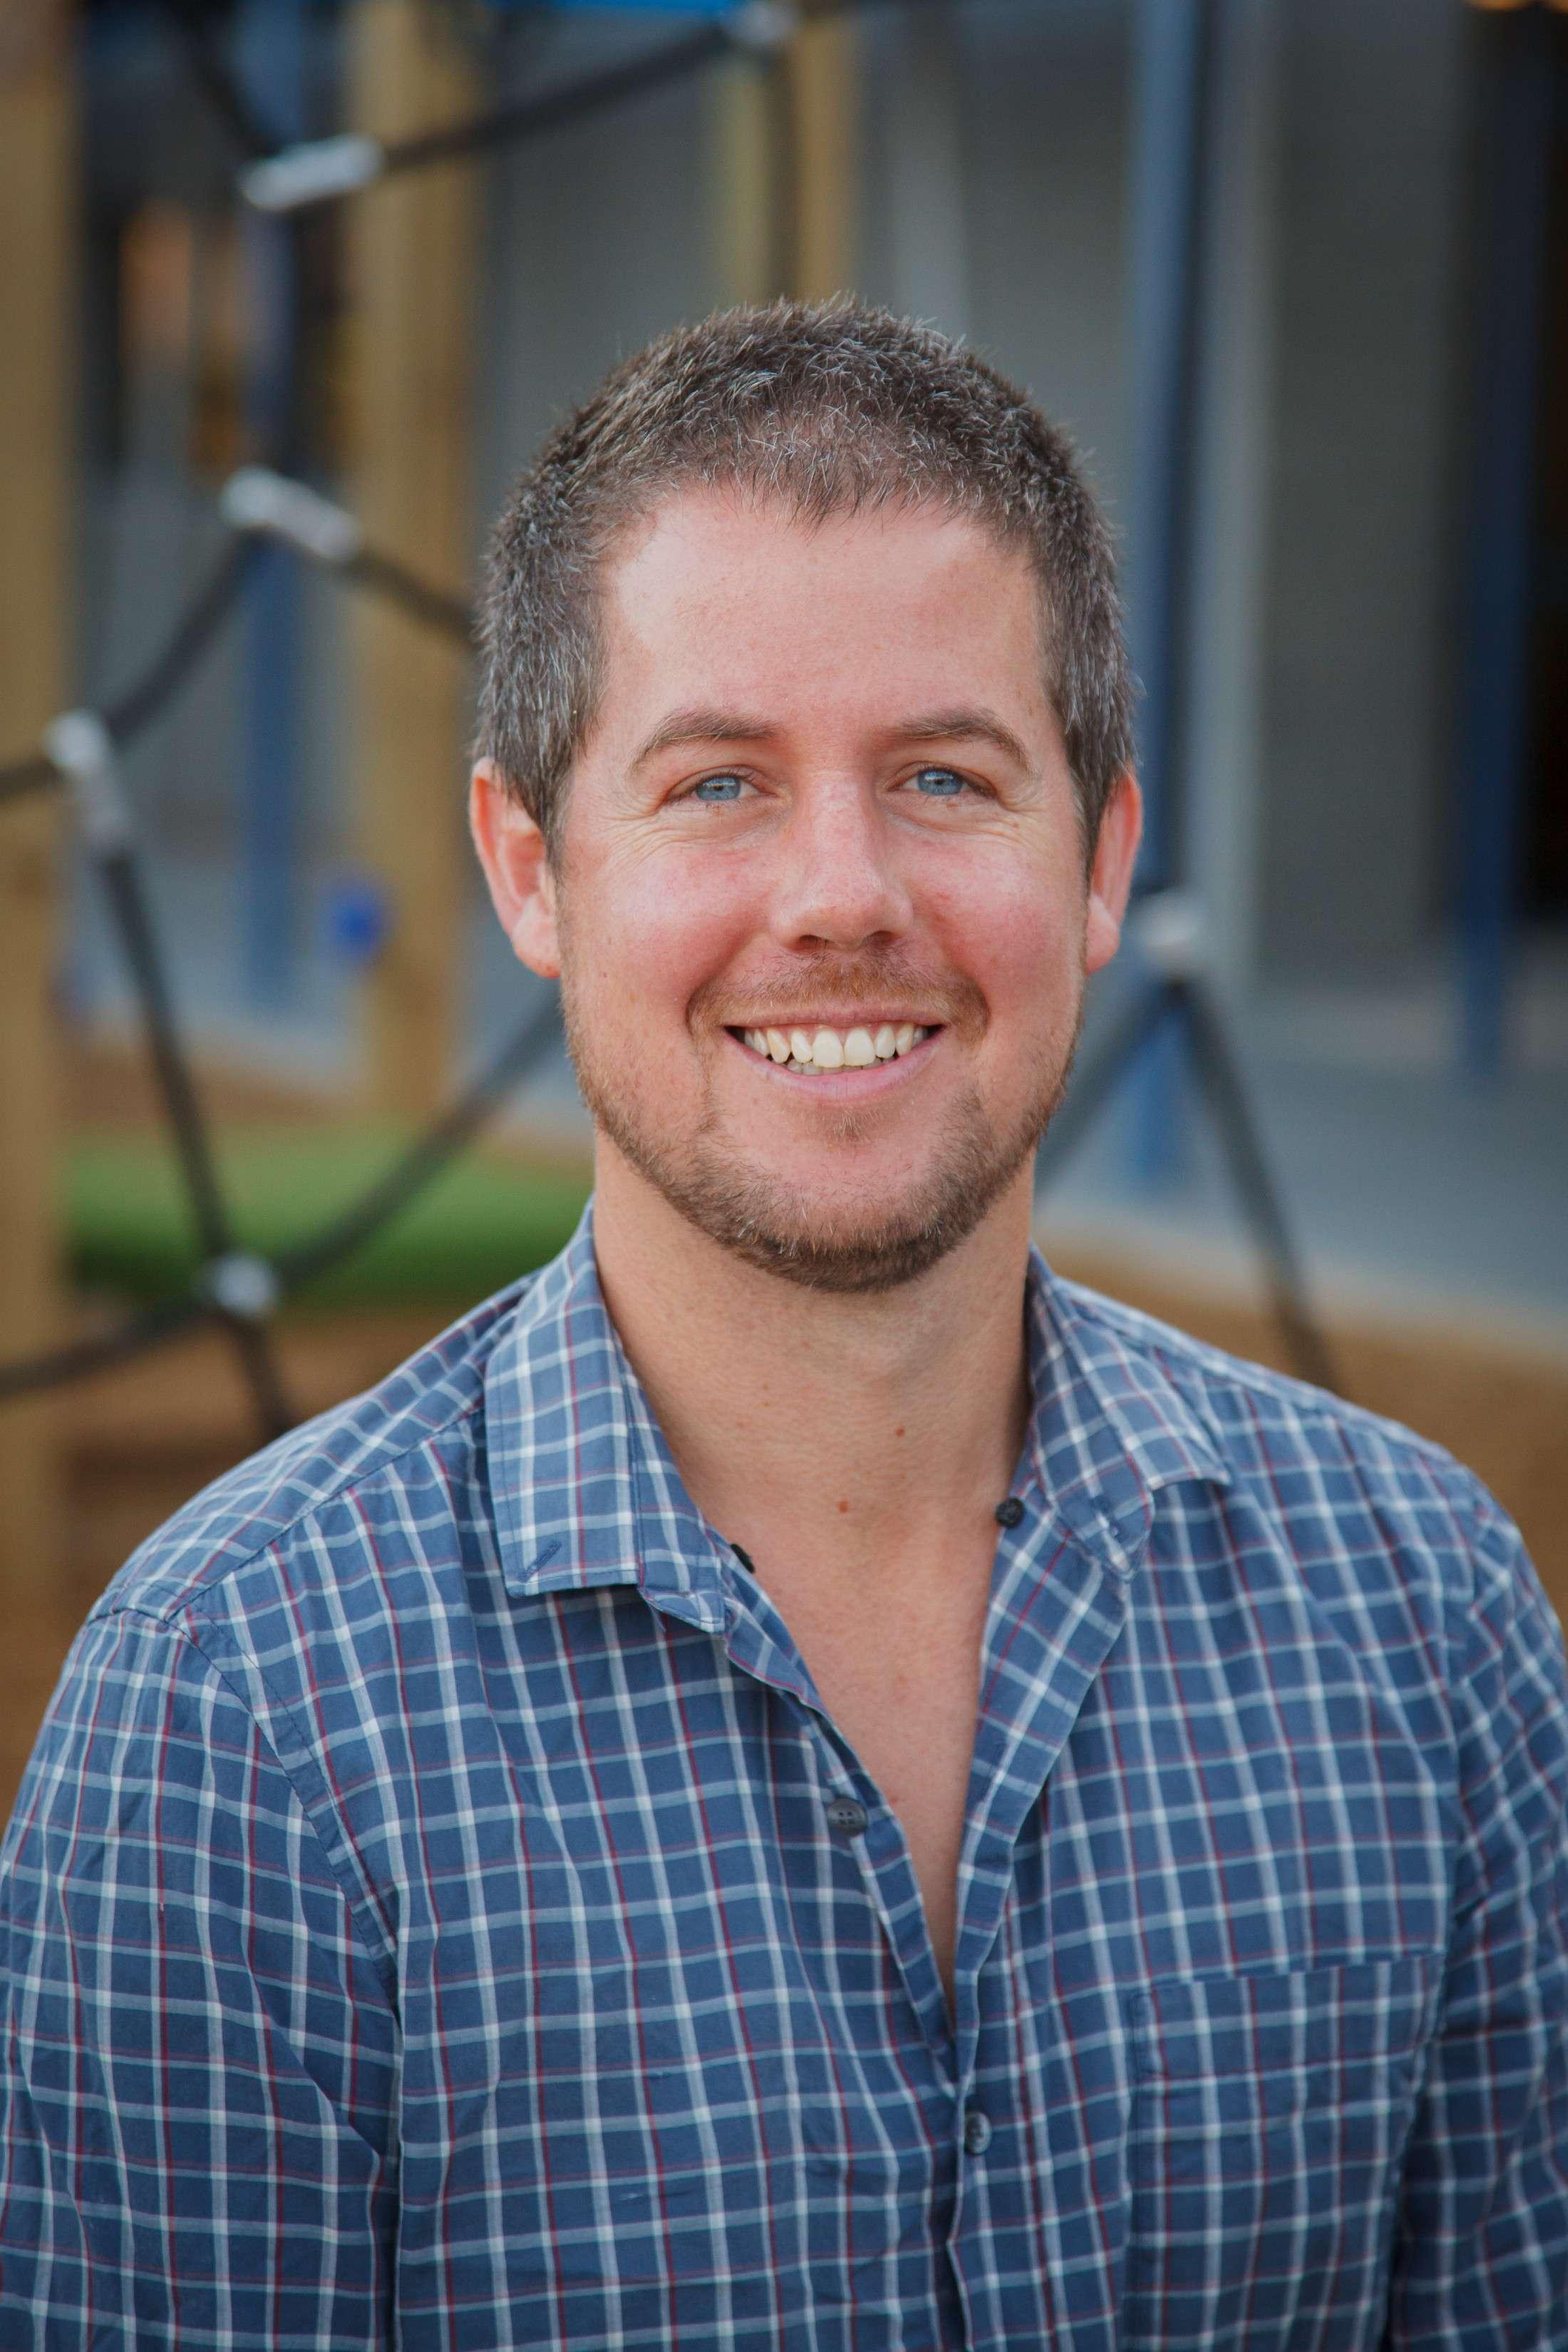 Hayden McCormack